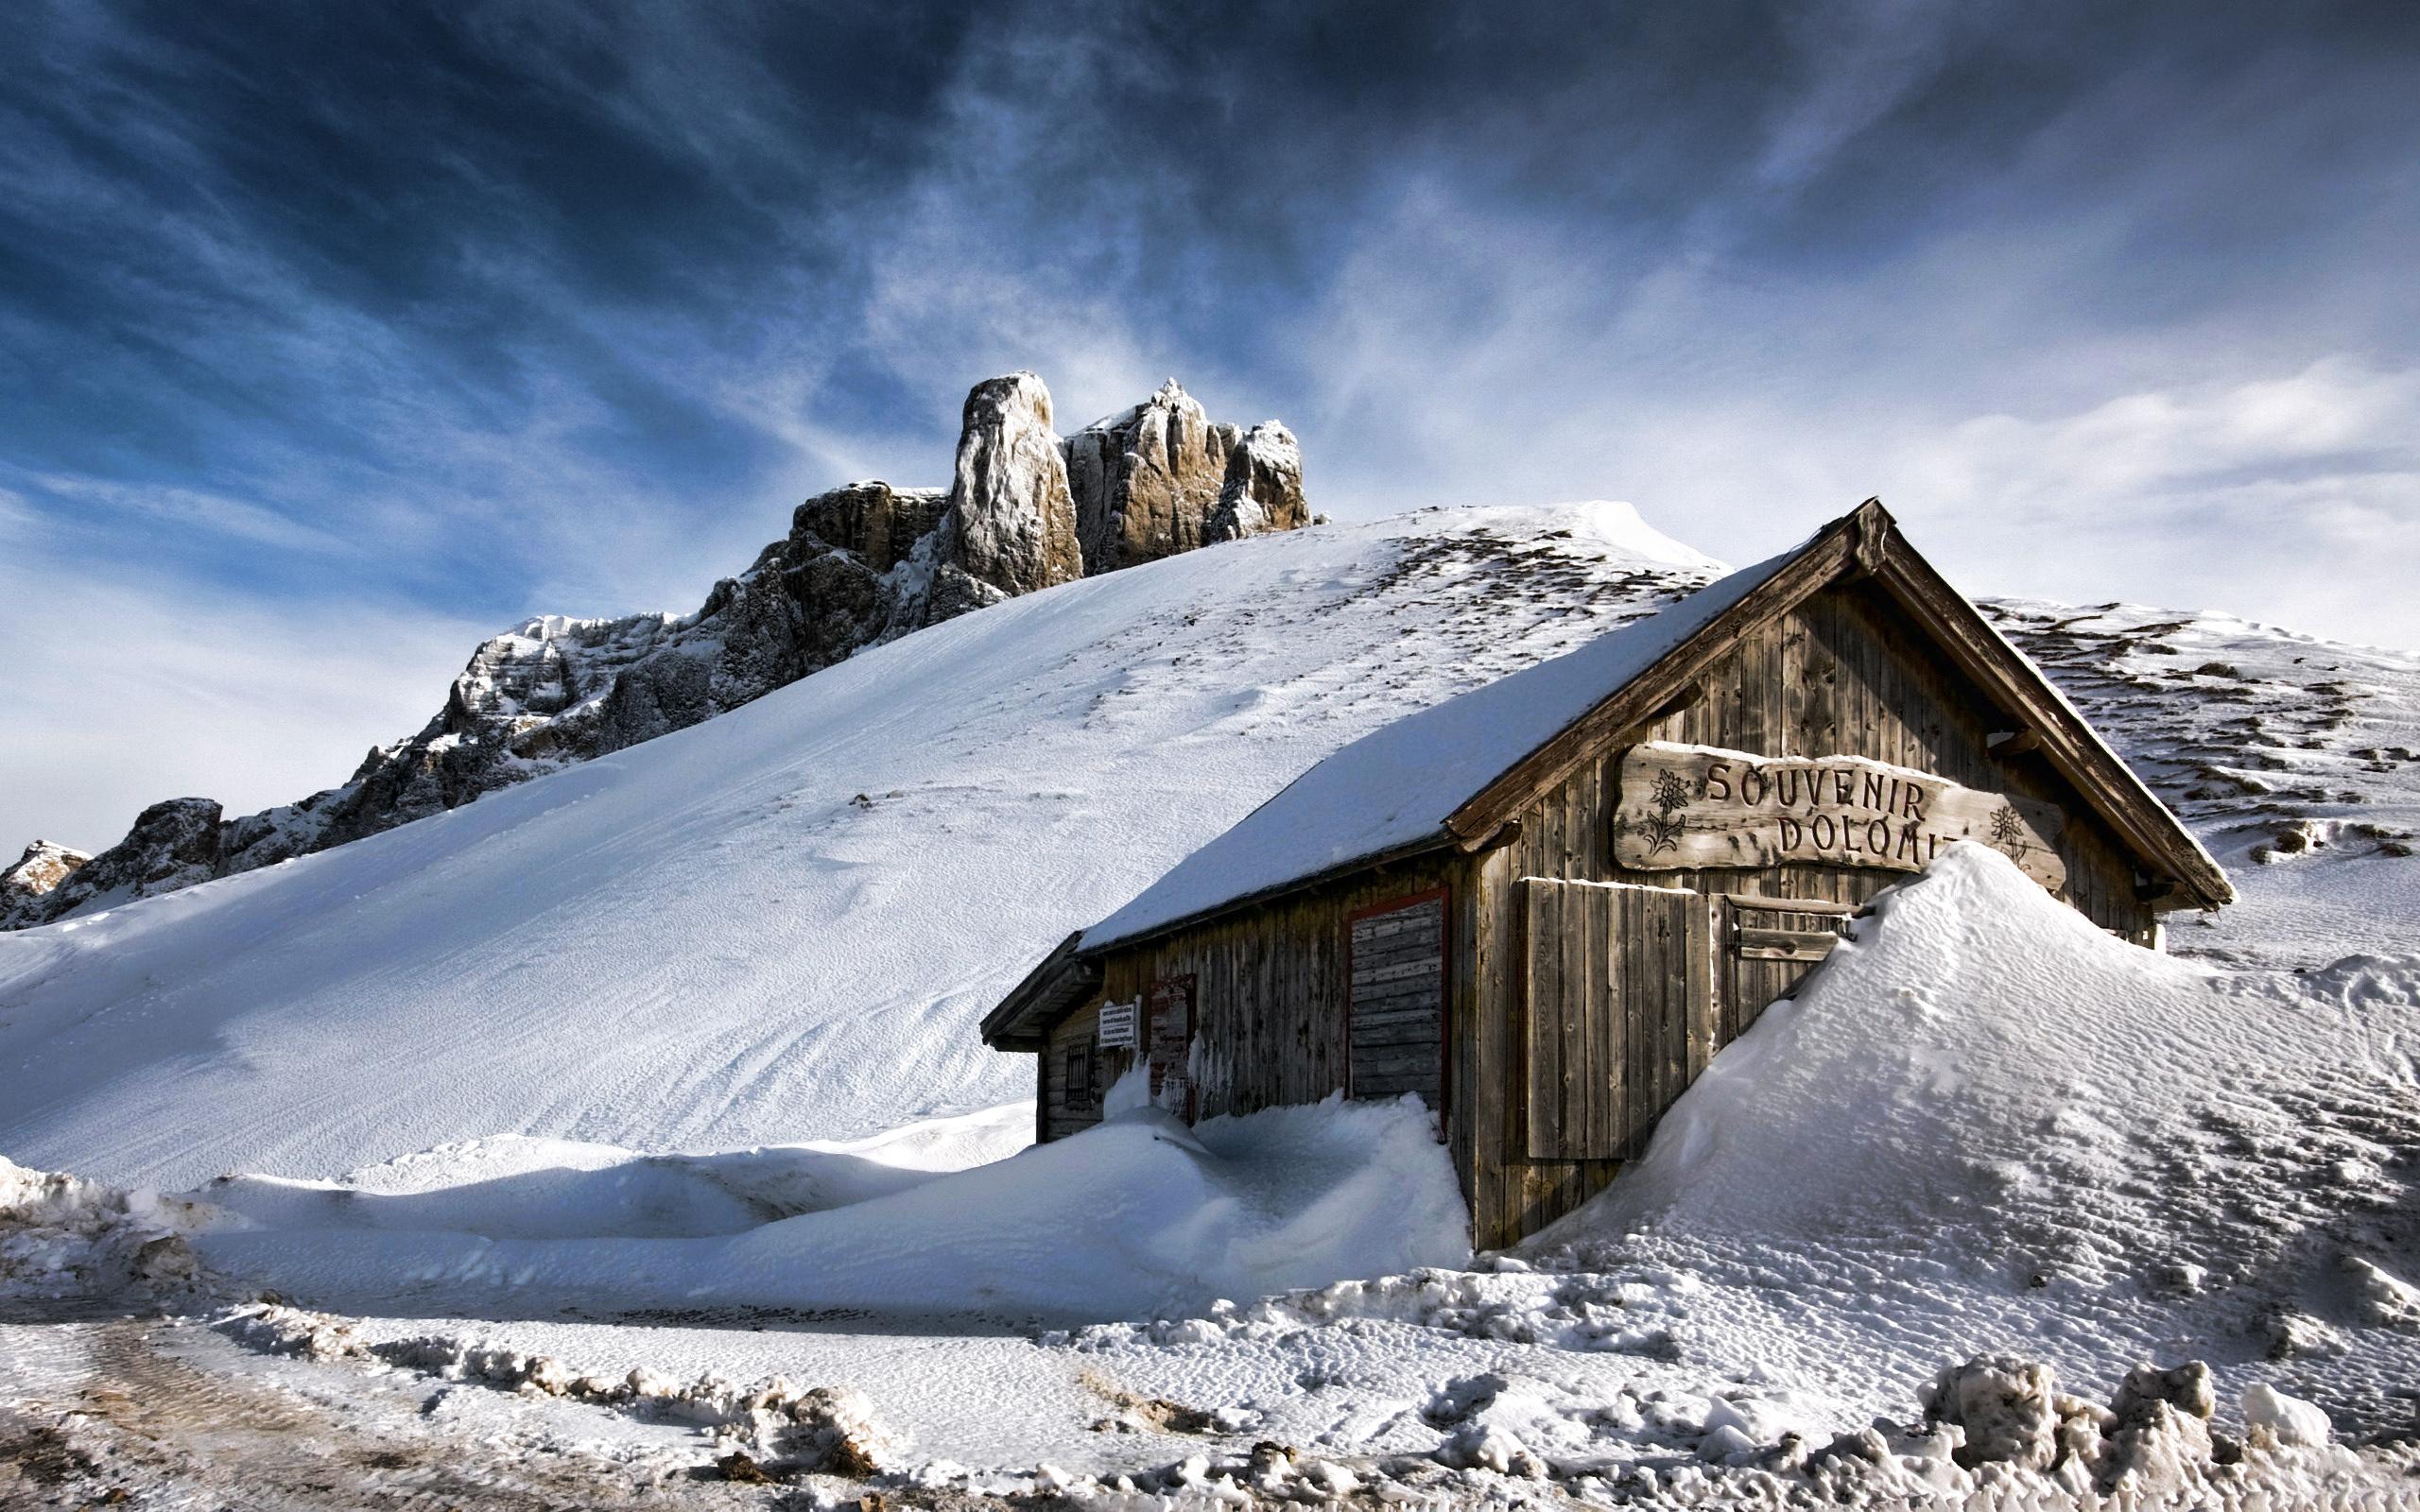 wallpapers winter mountains desktop wallpaper nature 2560x1600 2560x1600